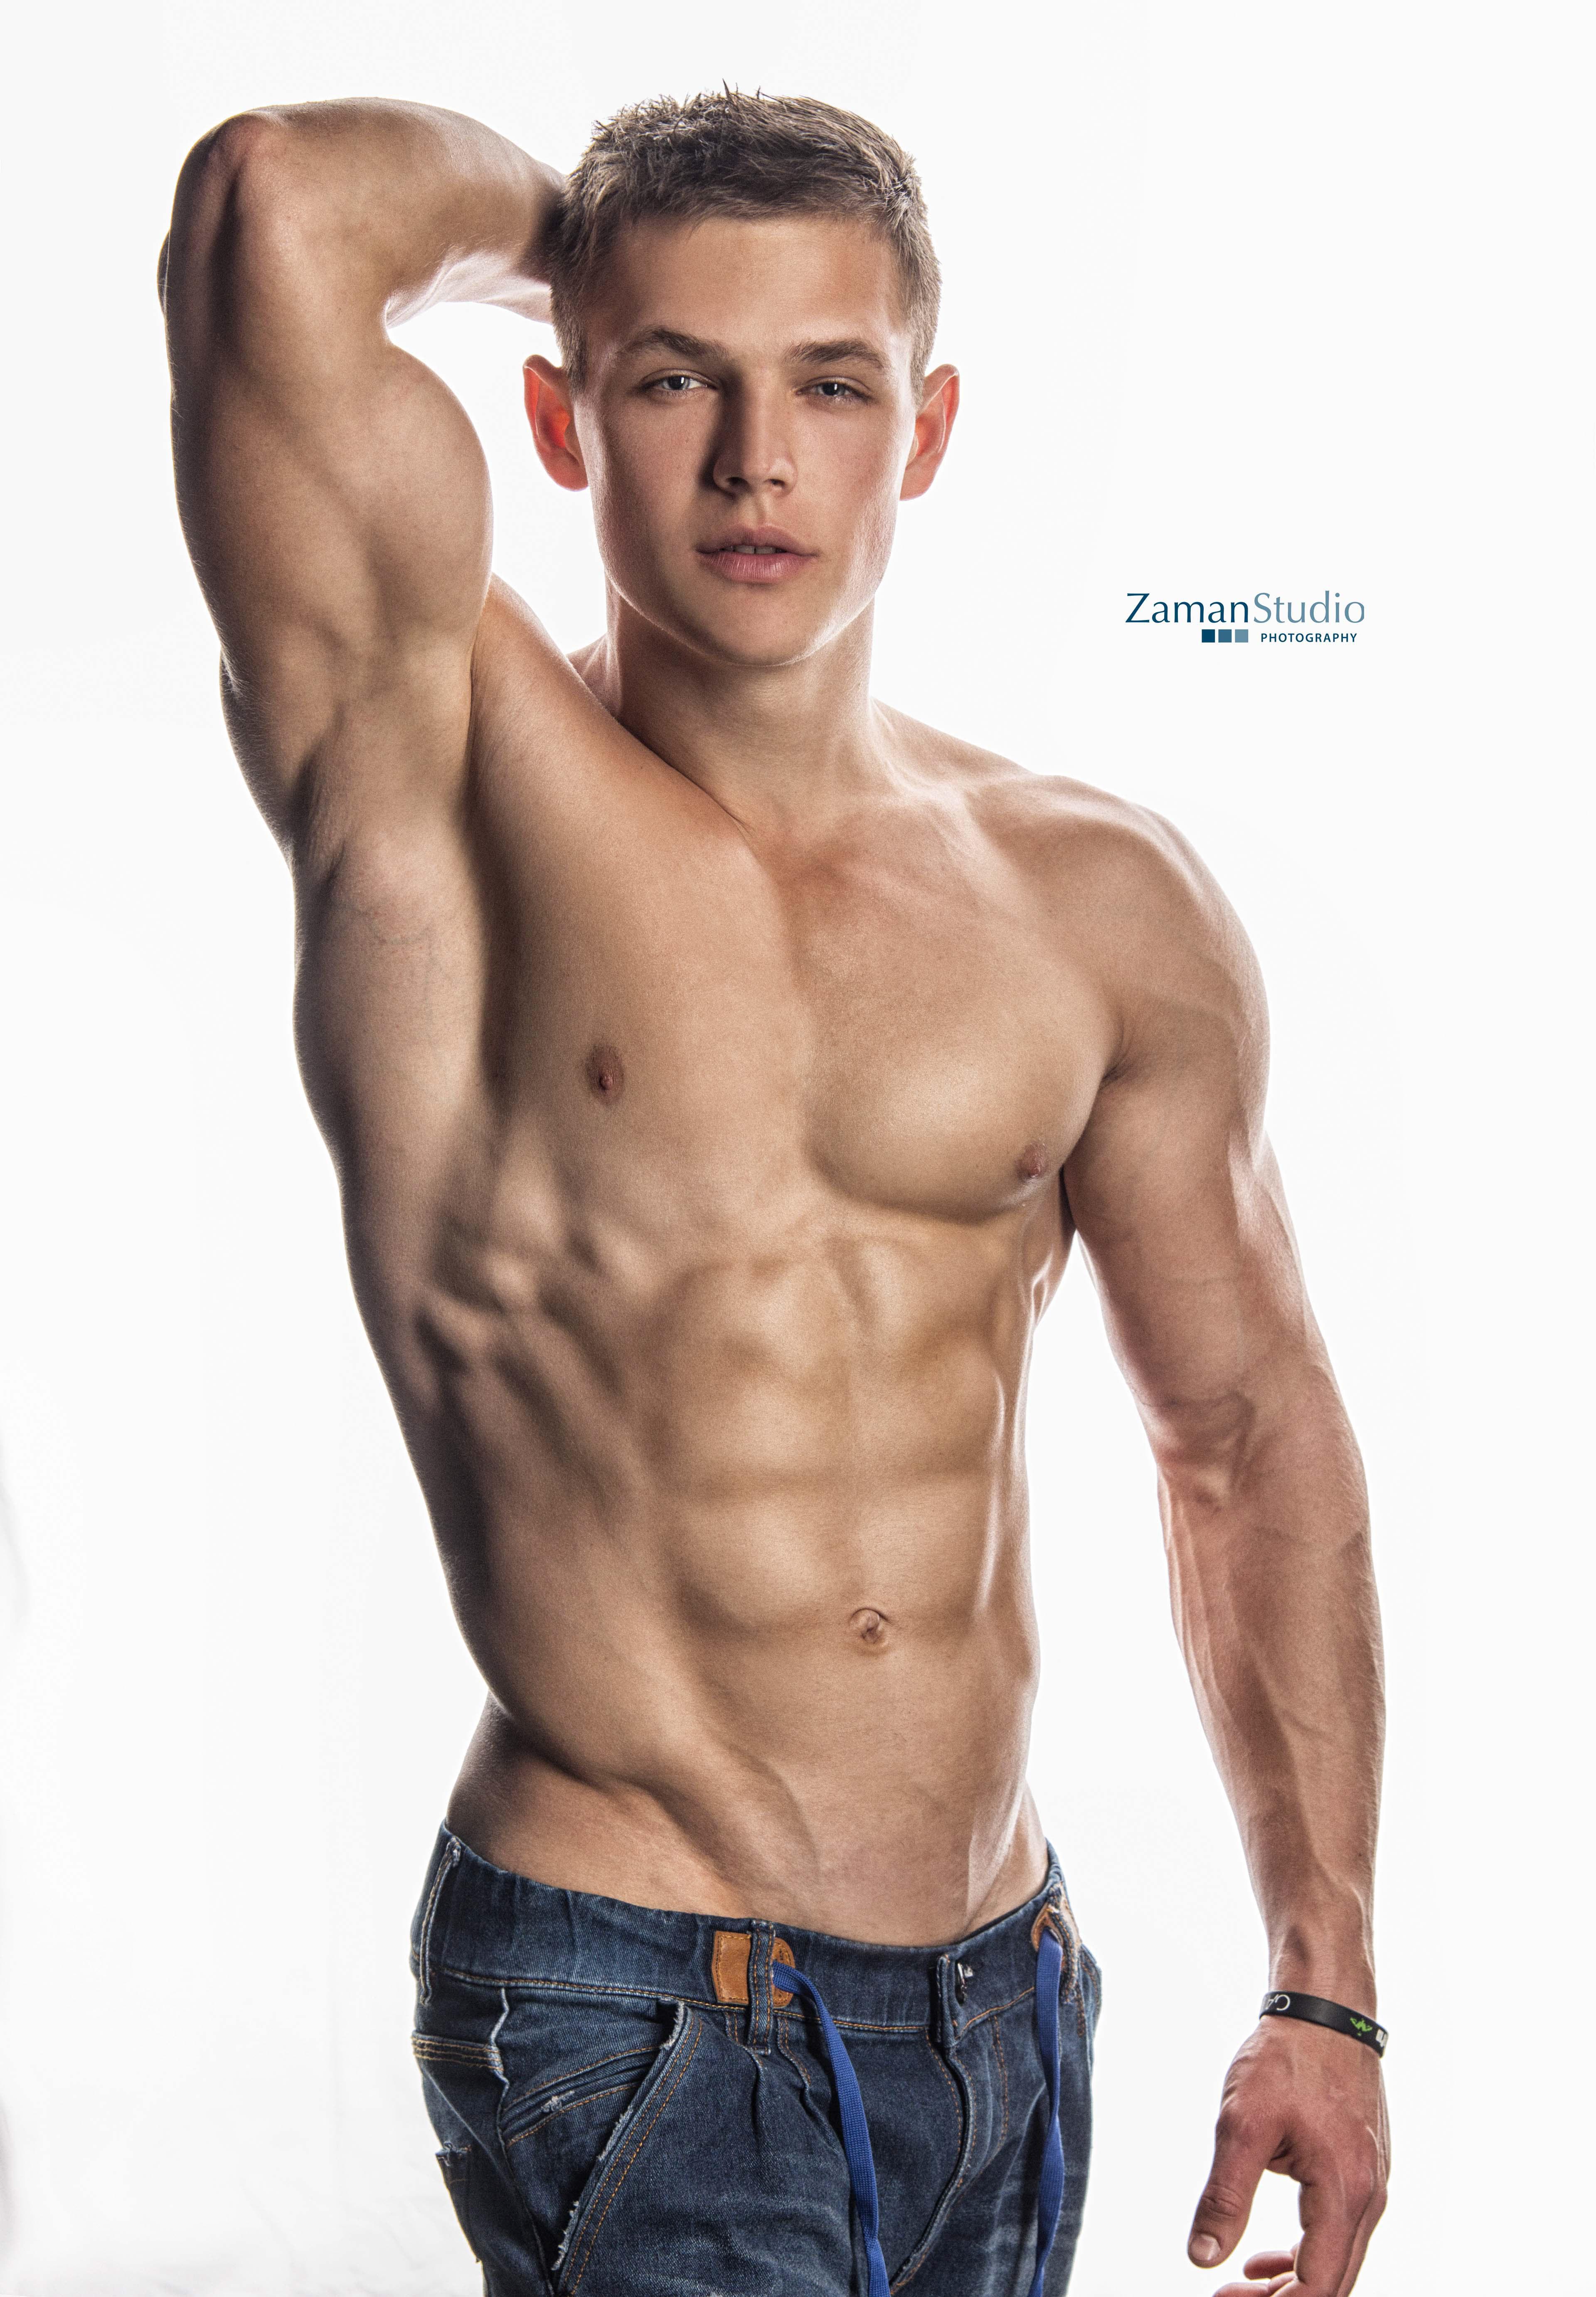 ahmed zaman male models 2